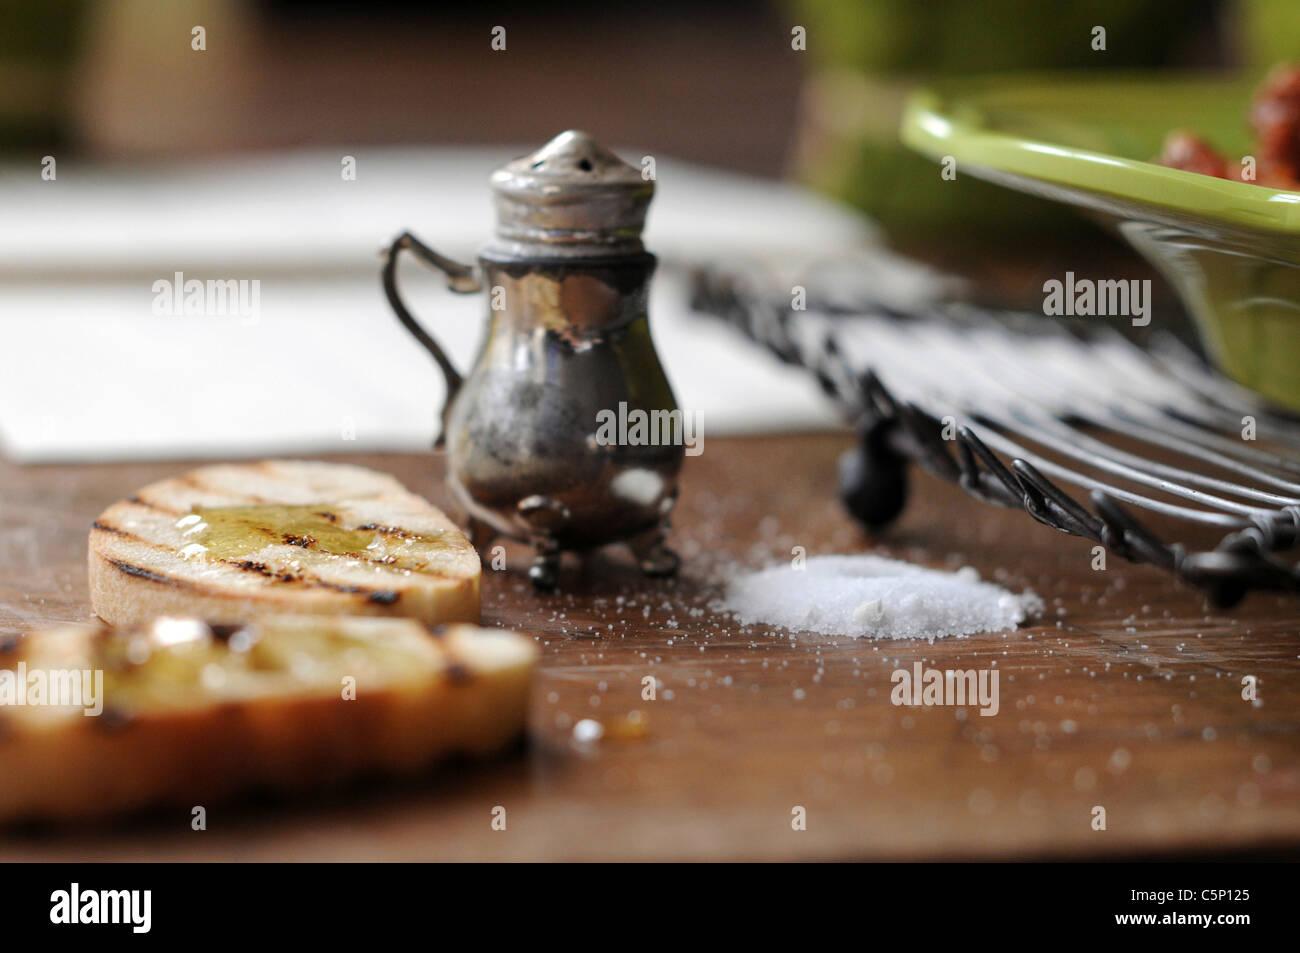 Gerösteten Baguette Scheiben mit Honig Stockbild